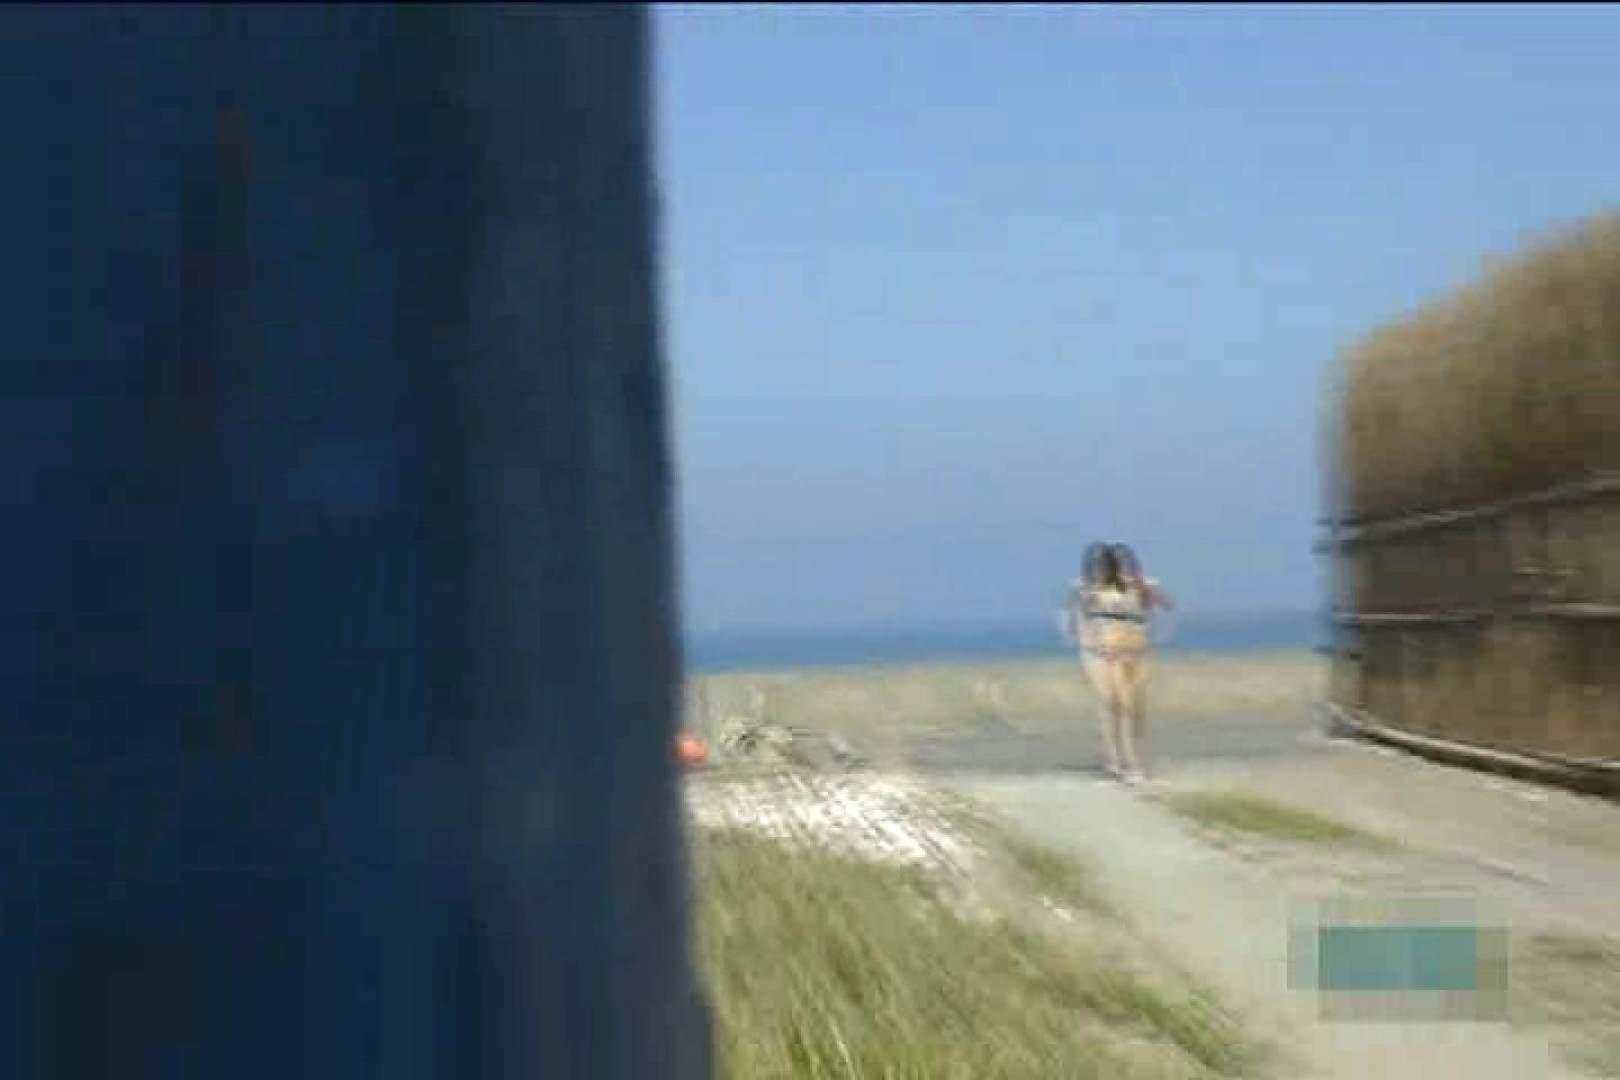 真夏のビーチは危険地帯Vol.3 小悪魔ギャル エロ画像 79連発 42